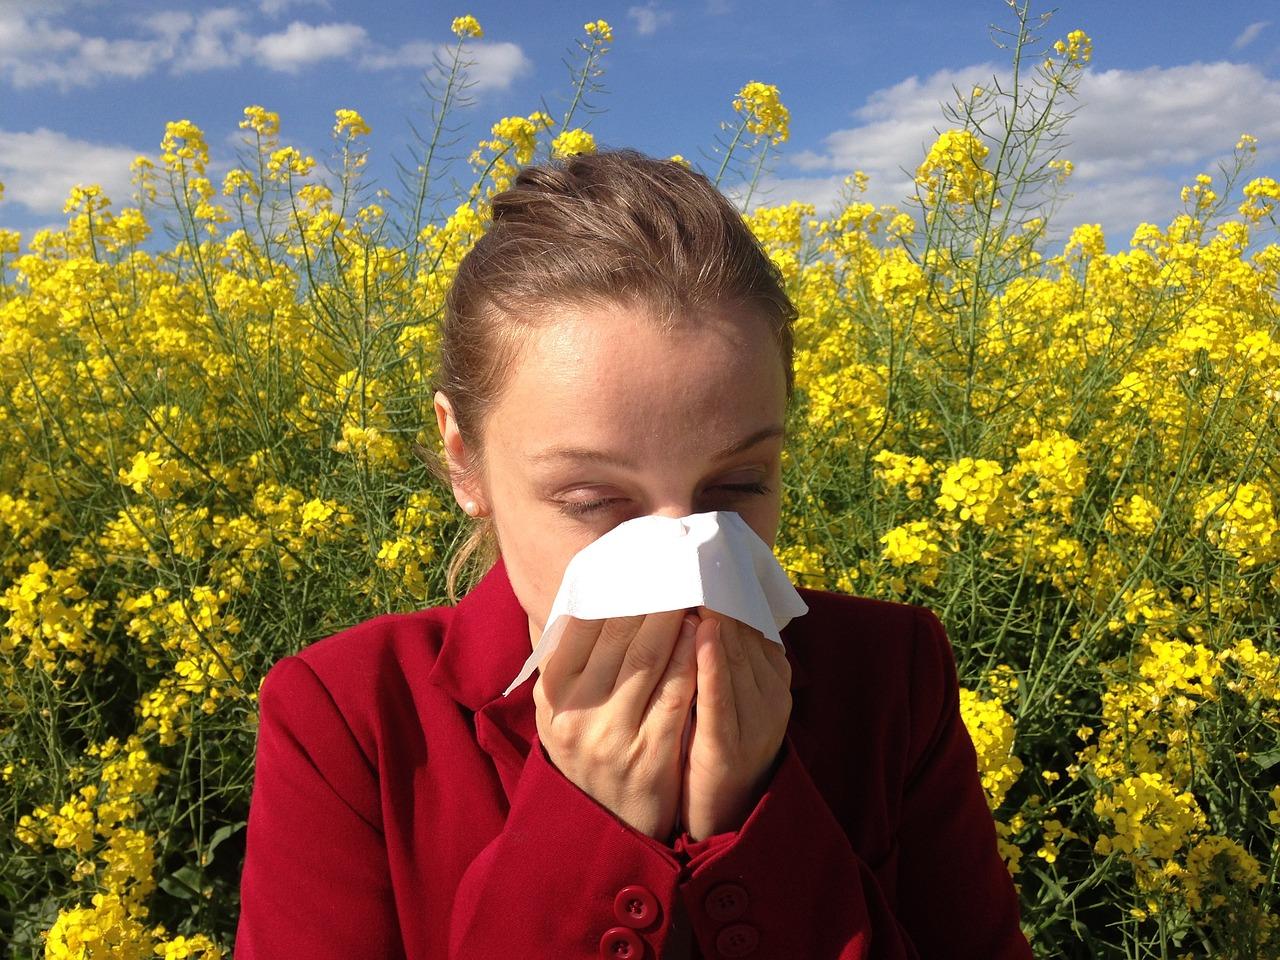 Mes de maig: el mes de les al.lèrgies!